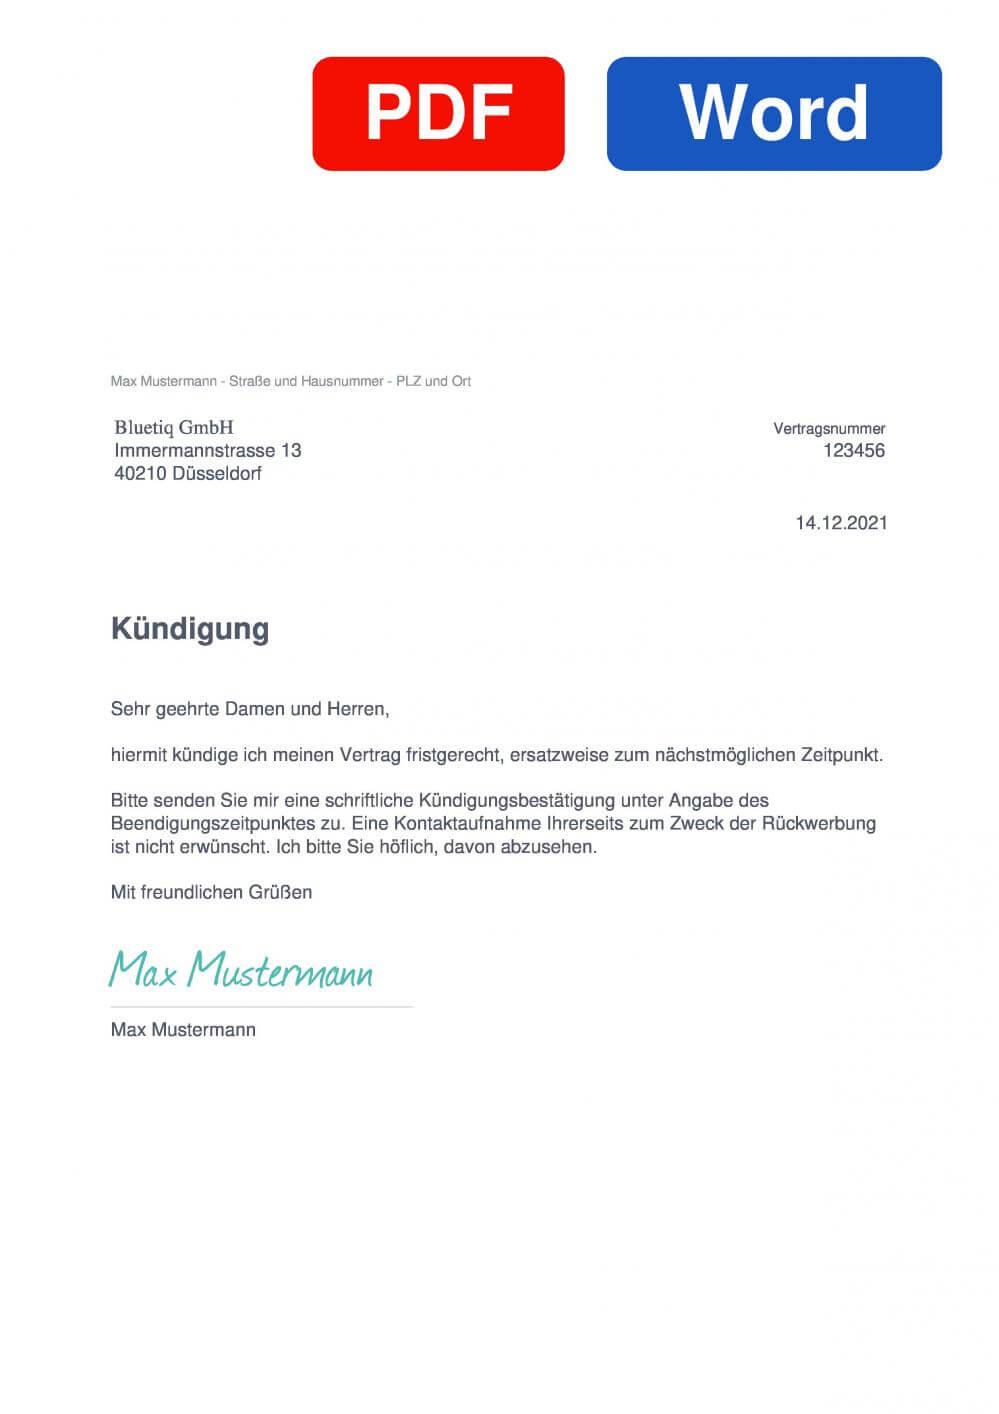 ZigZagfone Muster Vorlage für Kündigungsschreiben